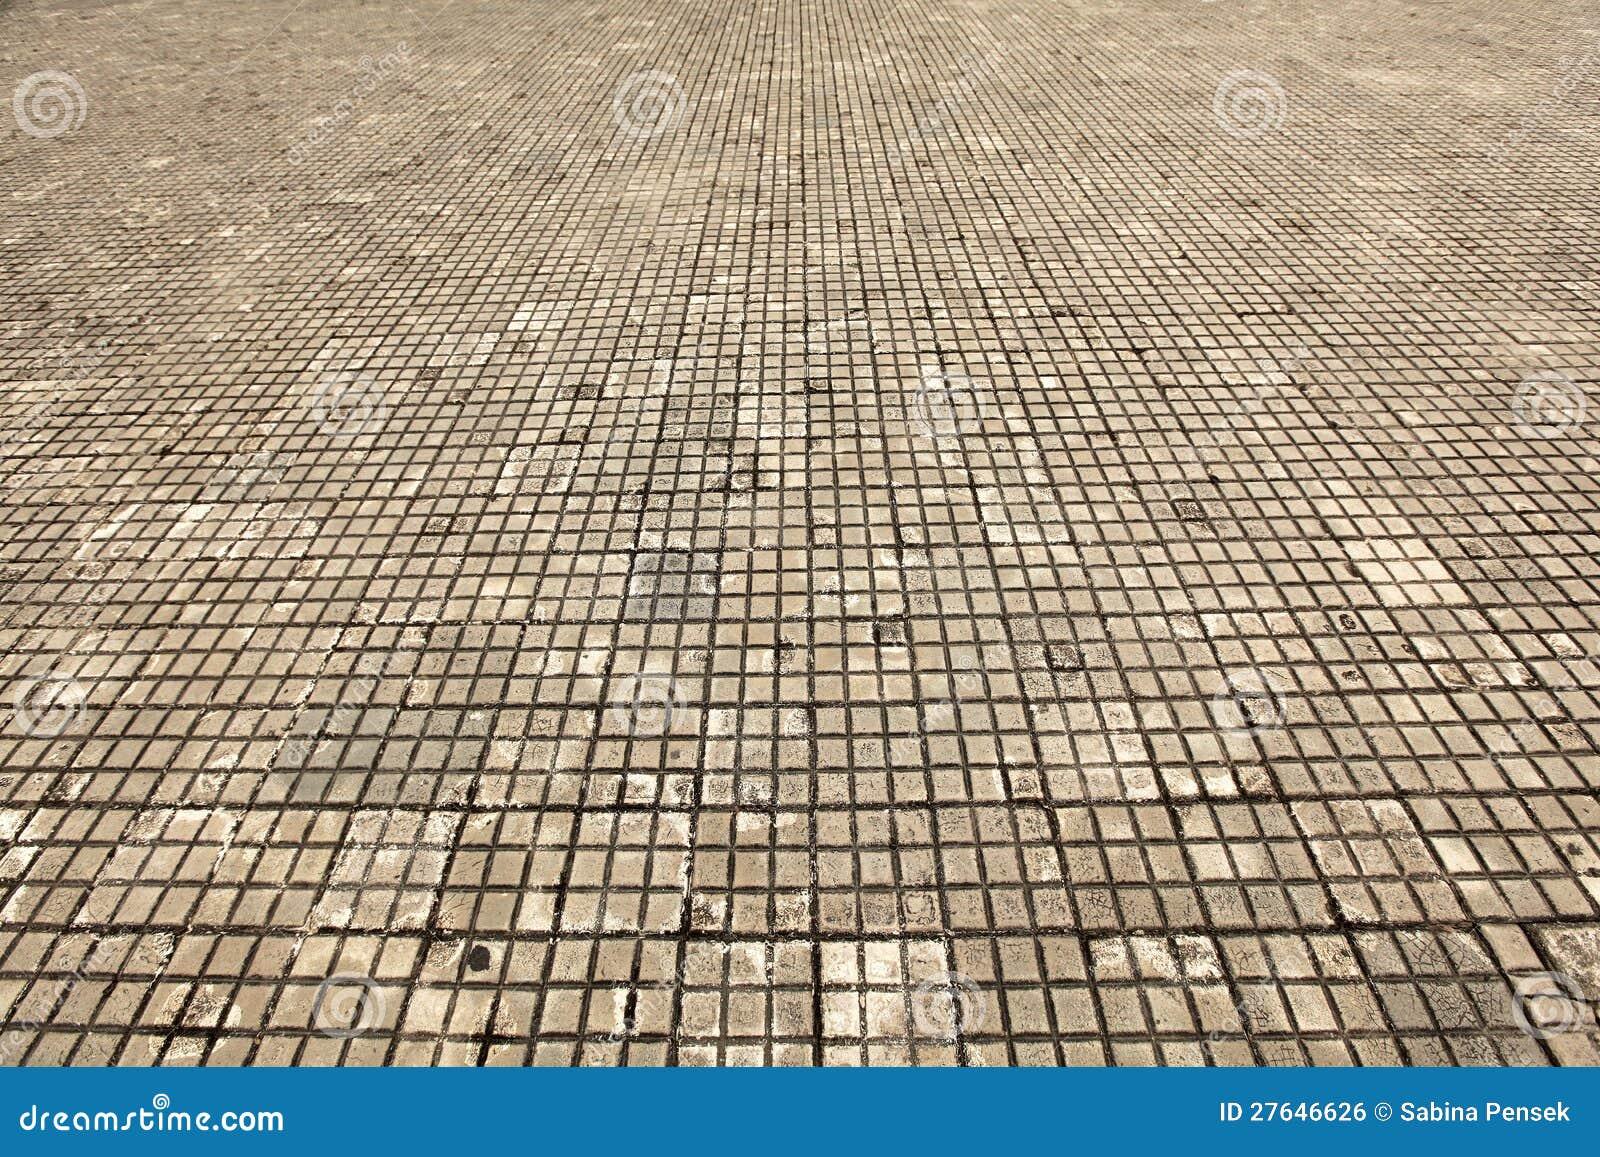 suelo de azulejo hecho de piedra blanco y viejo sucios